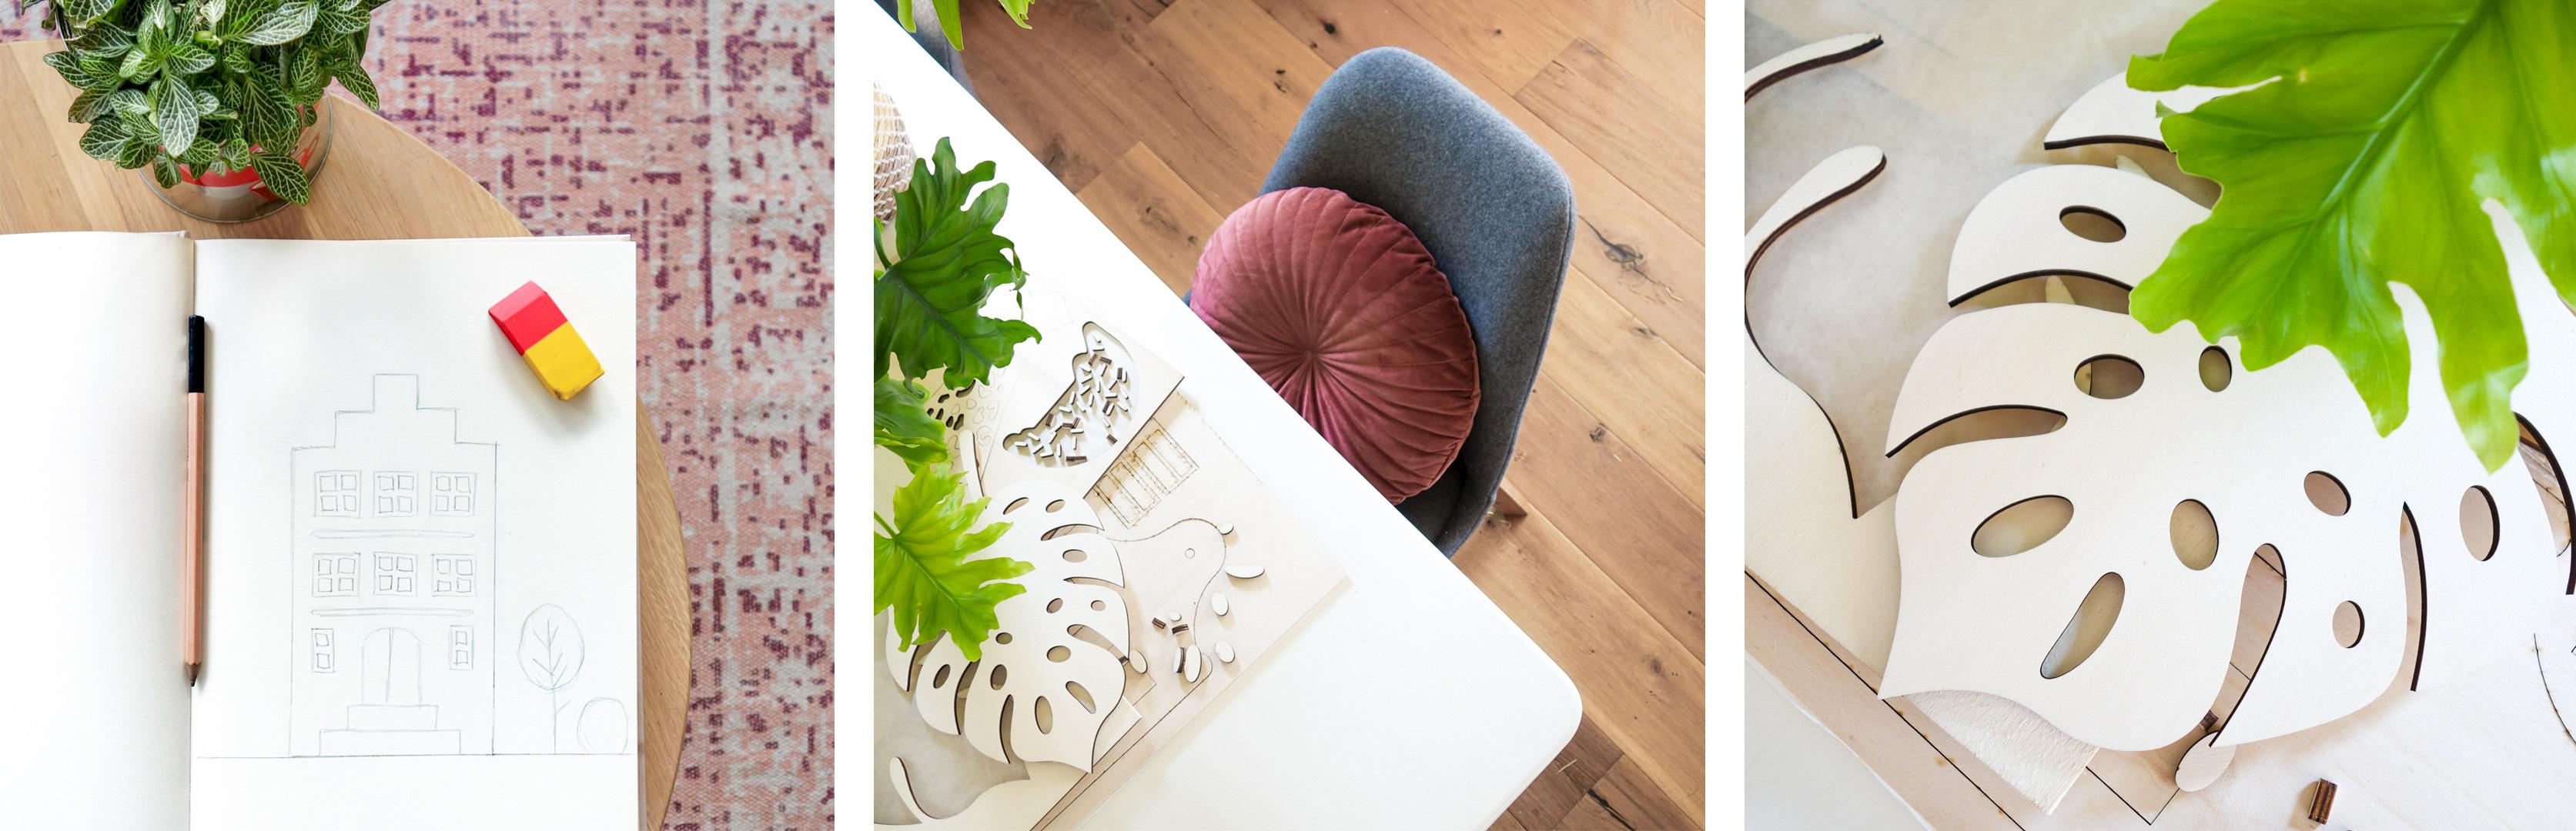 Het creatieve proces van Made by the Woods, design label voor interieurproducten.